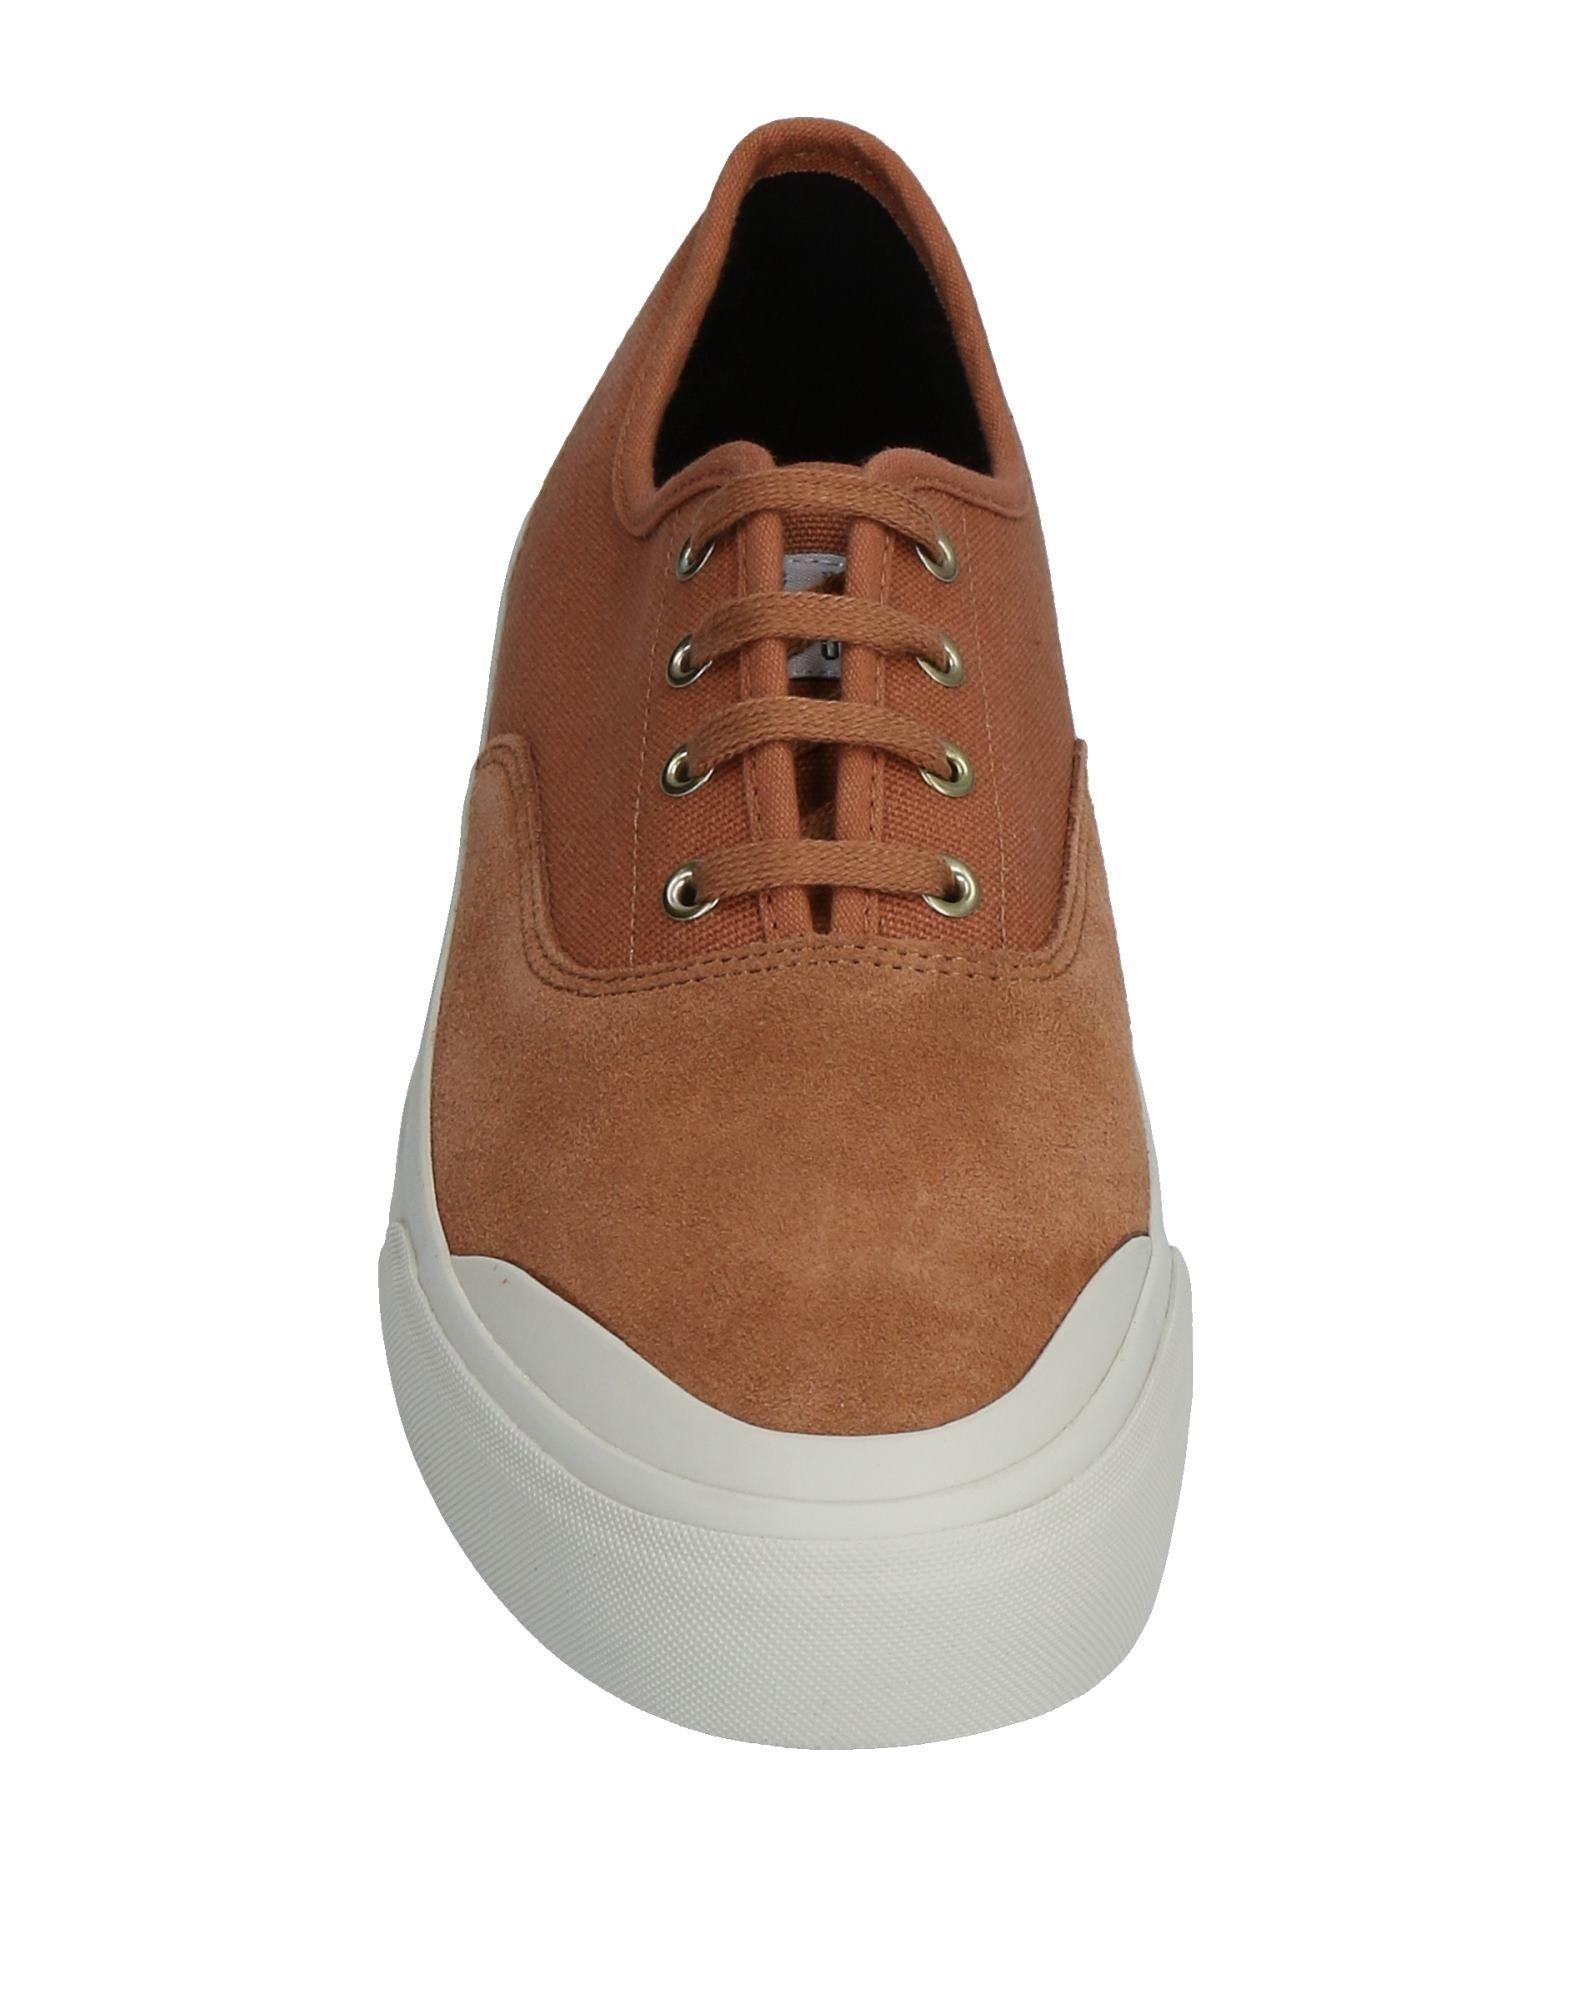 Huf Sneakers Herren Herren Sneakers  11473799PS 2cdccb